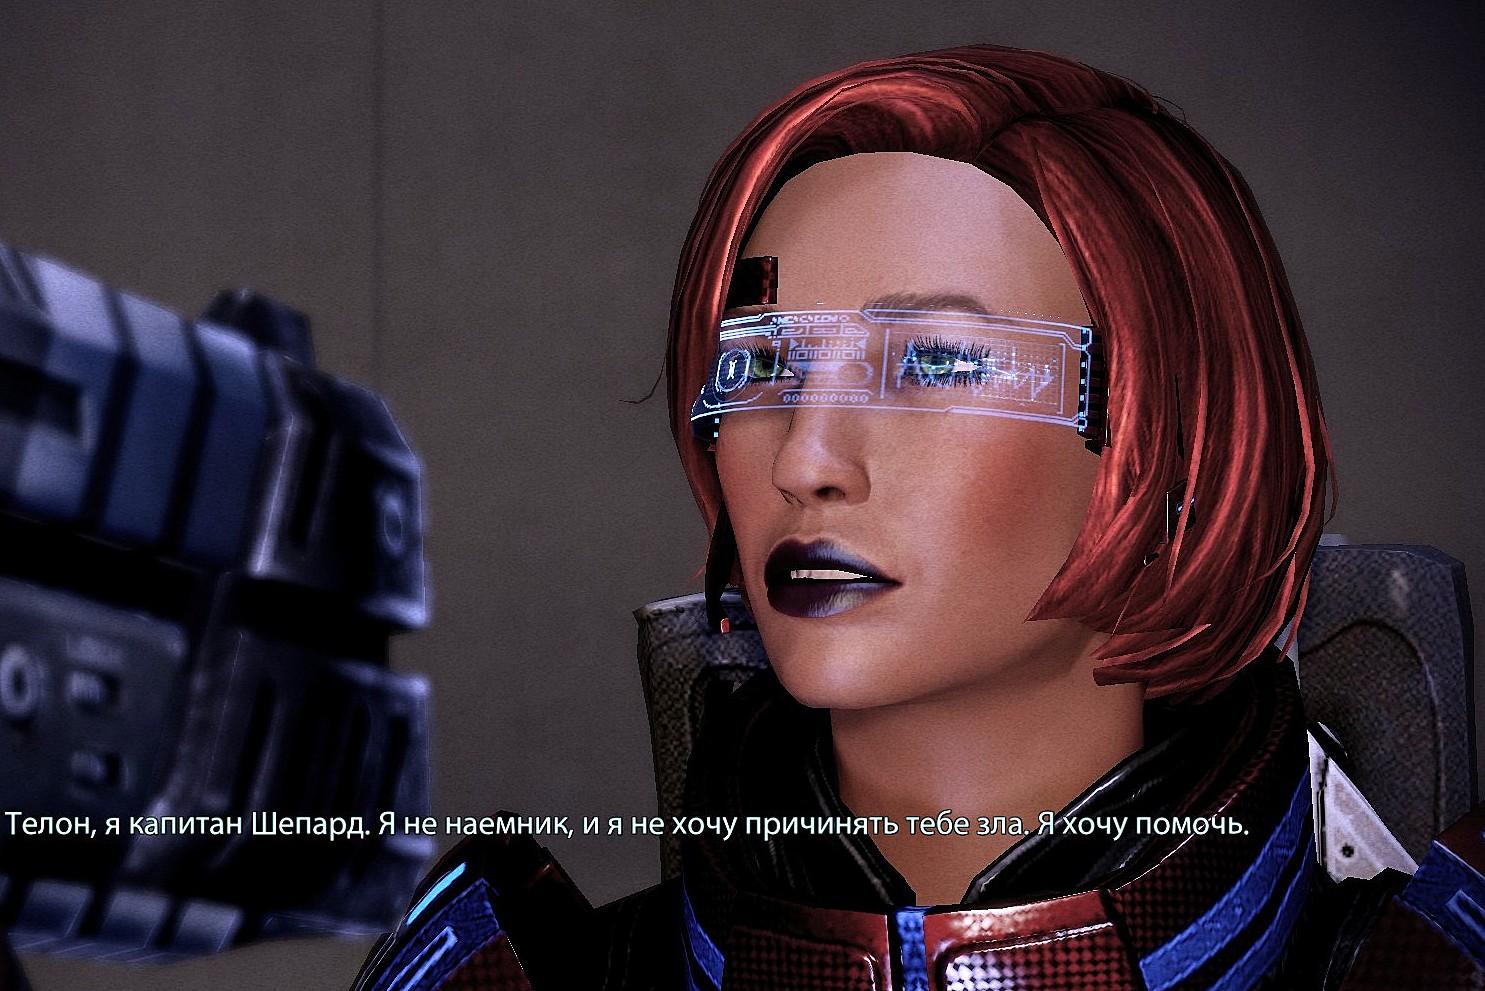 ScreenShot00017 — копия.jpg - Mass Effect 2